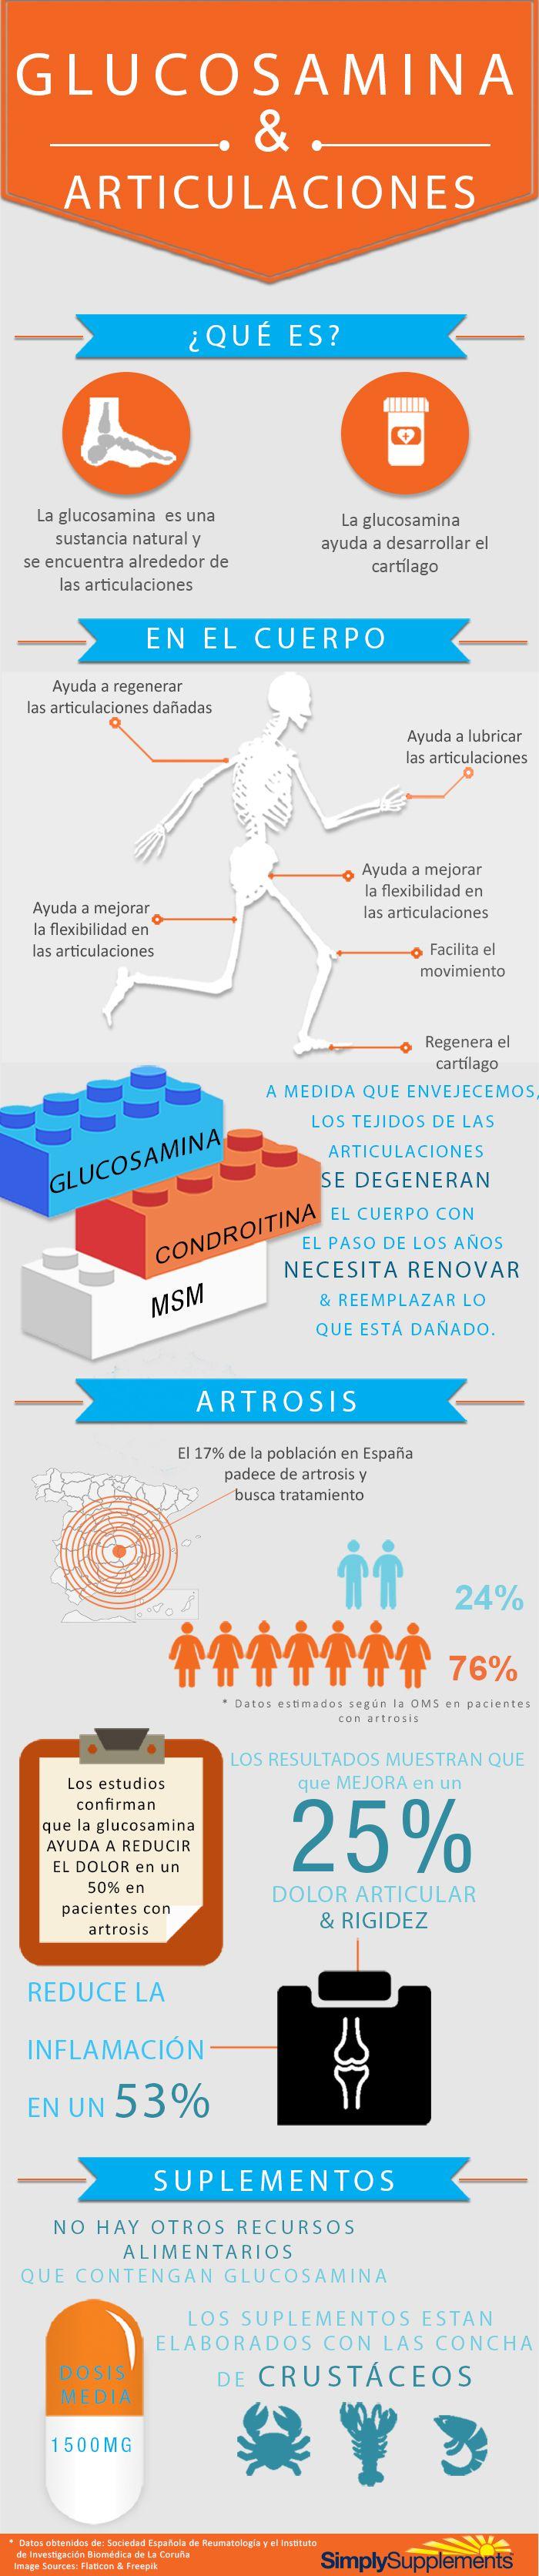 infografía glucosamina y condroitina